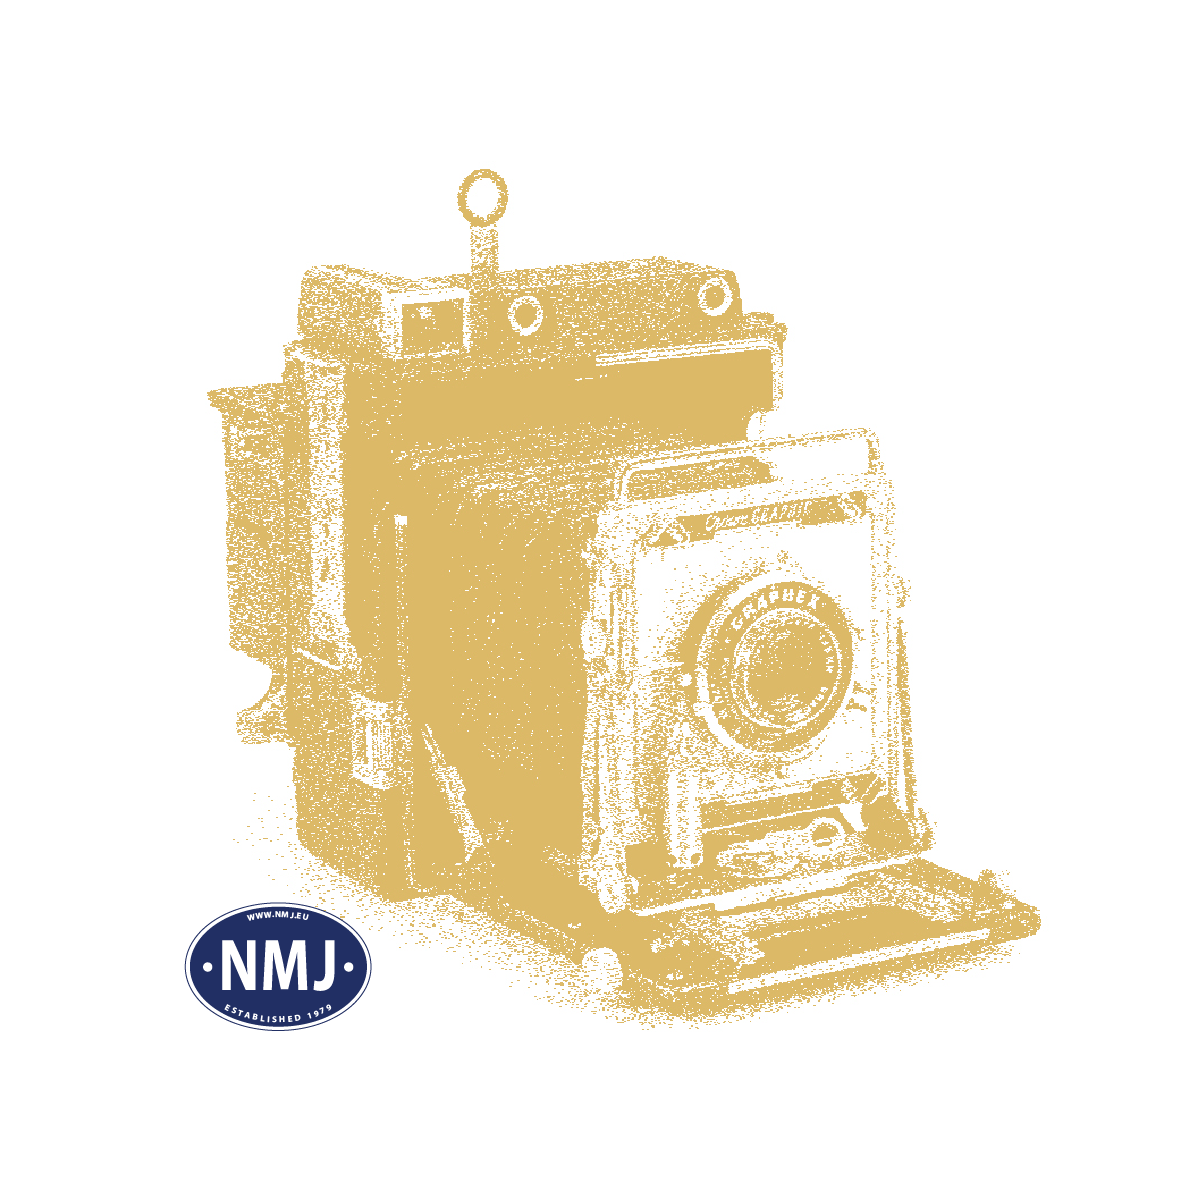 NJKSL14 - Skinnelangs 2014, Bildebok